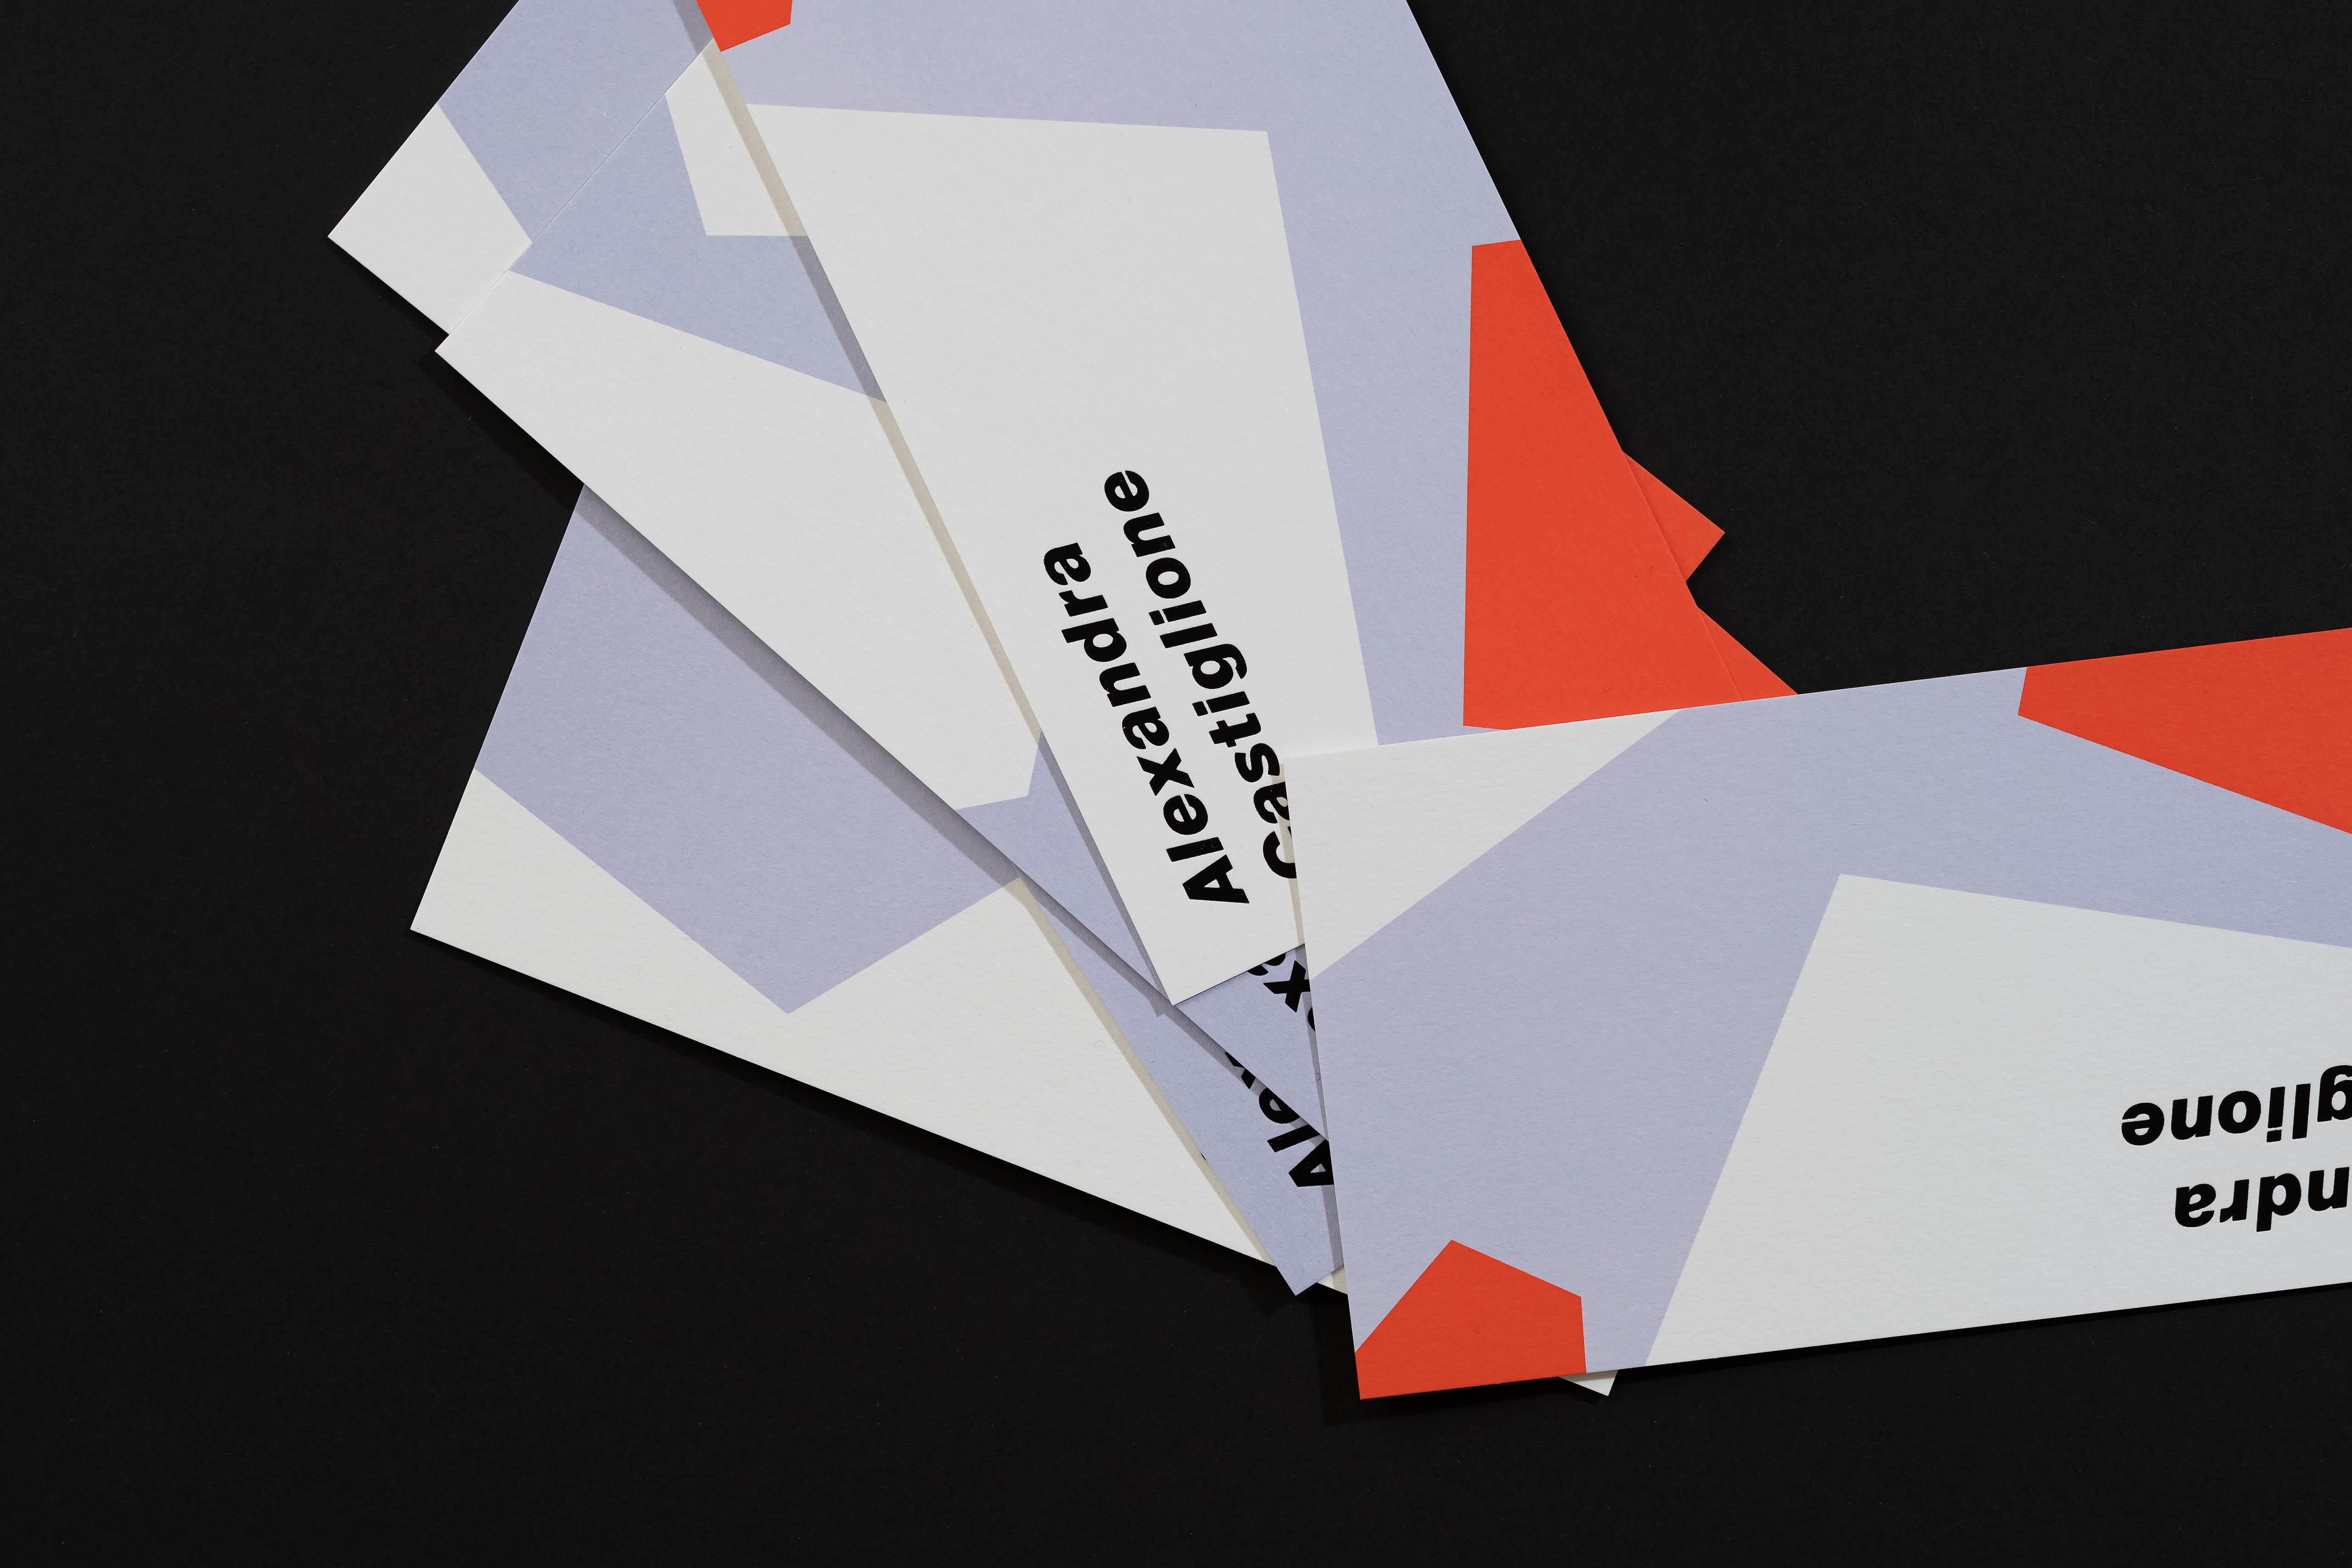 Melanie Brandel, Grafikdesign, Bern, Solothurn, Alexandra Castiglione, Mediation Bern, Coaching und Stilberatung, Corporate Design